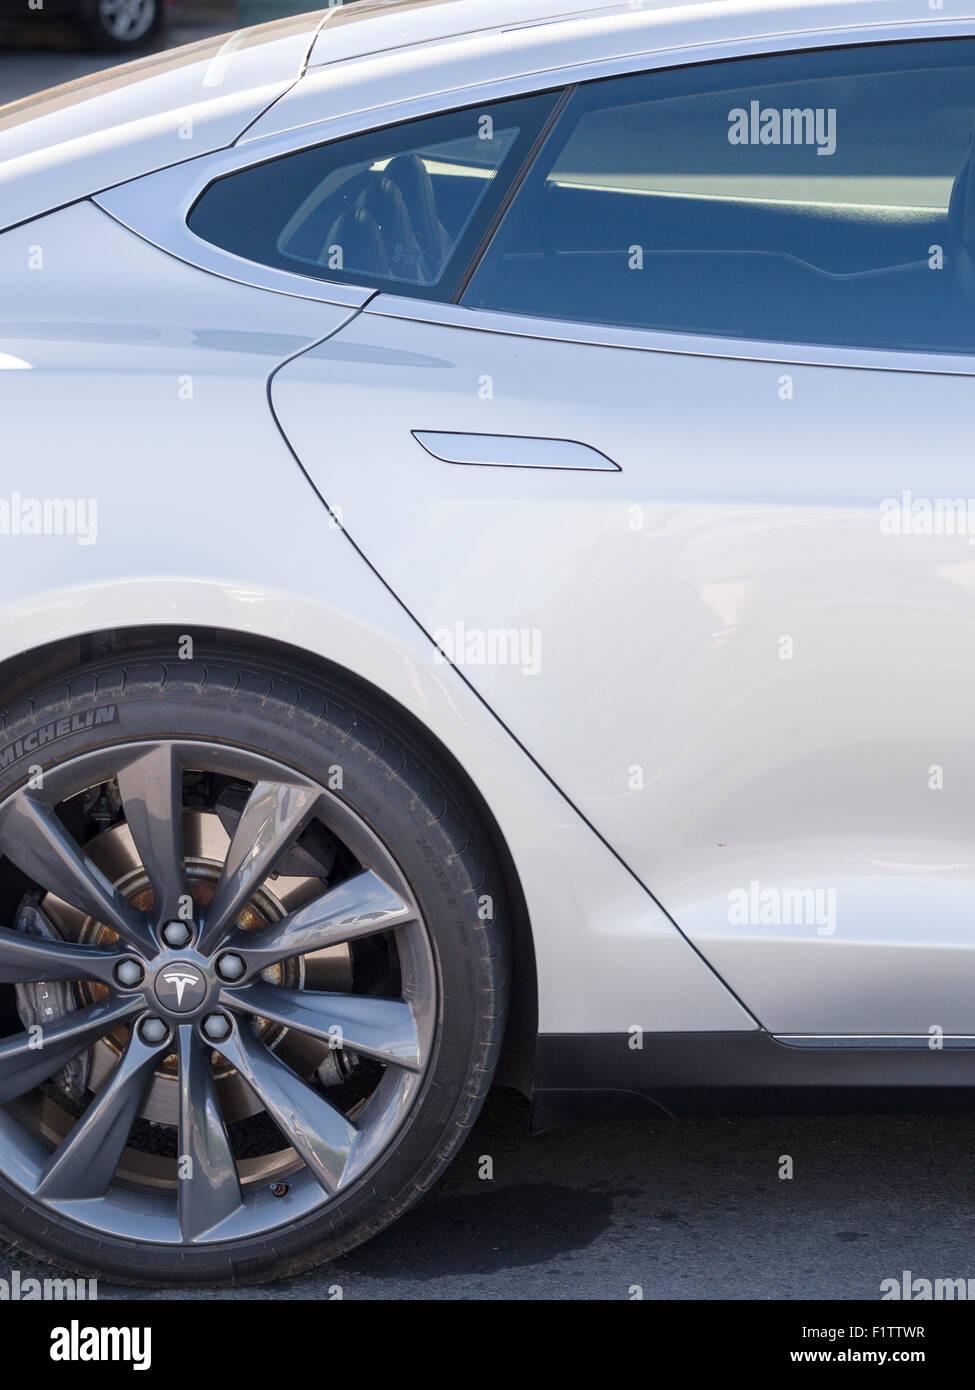 Tesla  model S rear door . The rear door, window and wheel of a parked Tesla model S in a Wiamea parking lot. - Stock Image